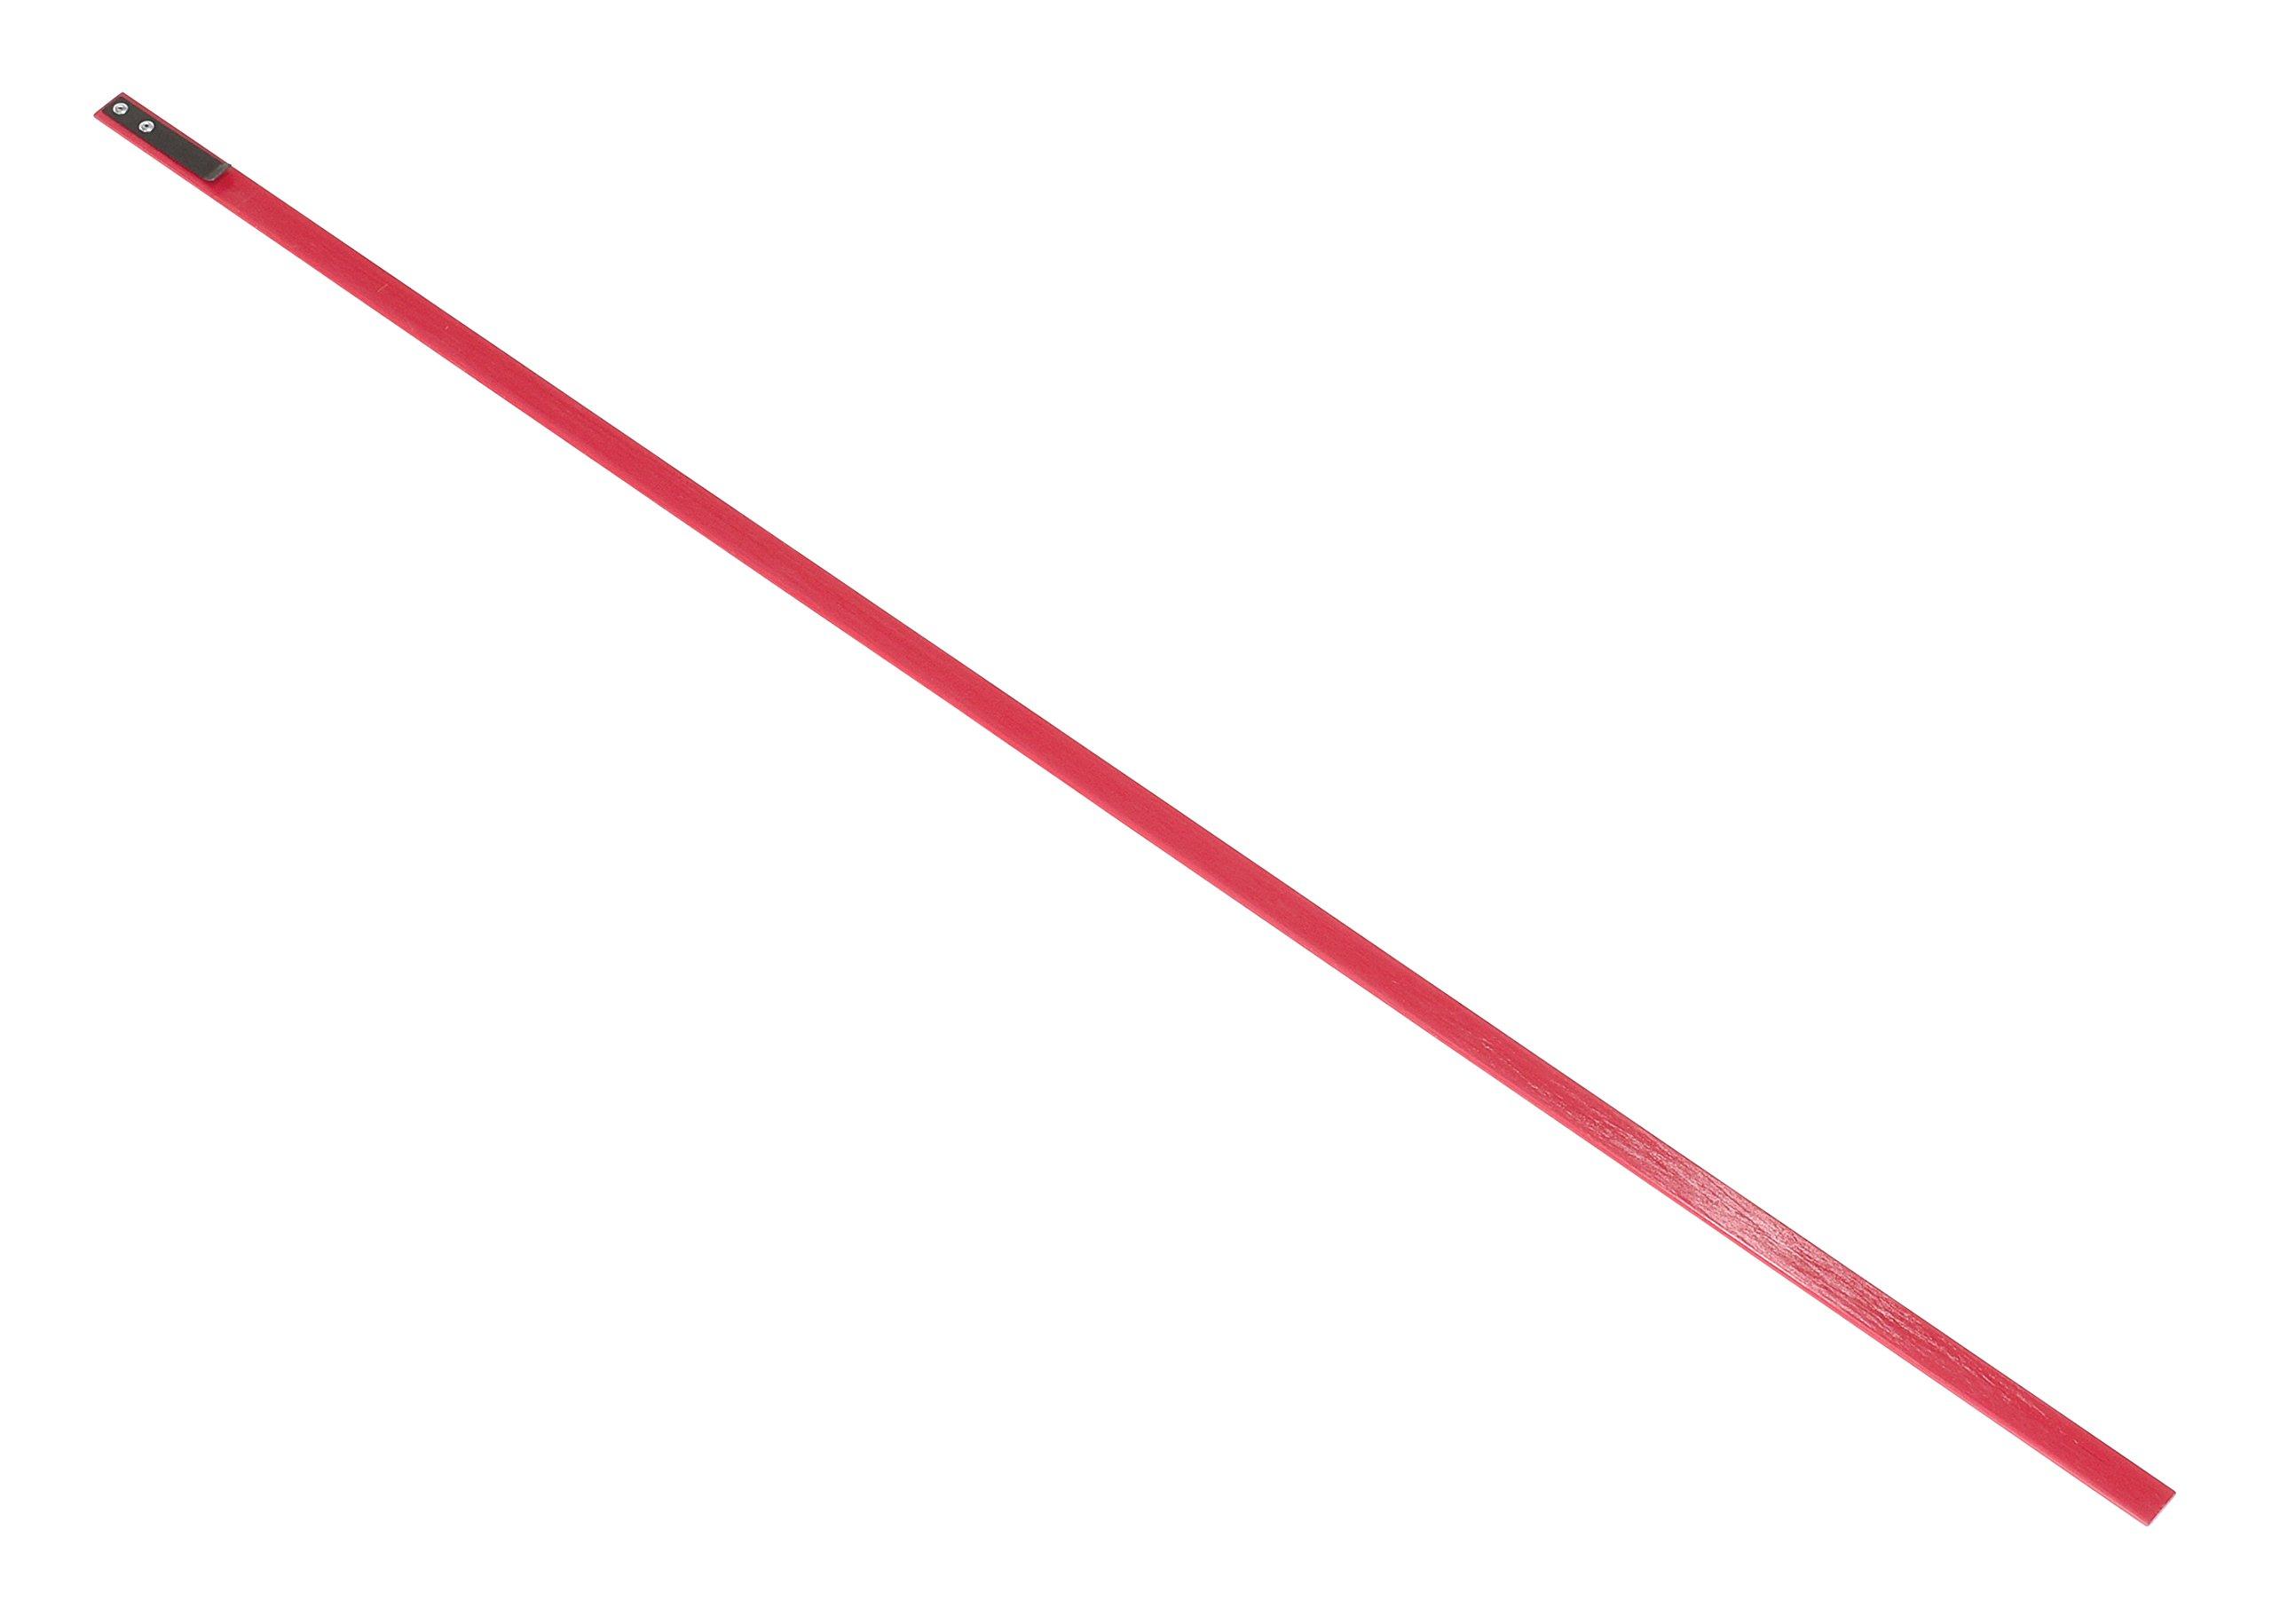 Vestil WAND-3 Fiberglass Pallet Wand, Overall W x L x H (in.) 1 x 52-3/4 x 1/8